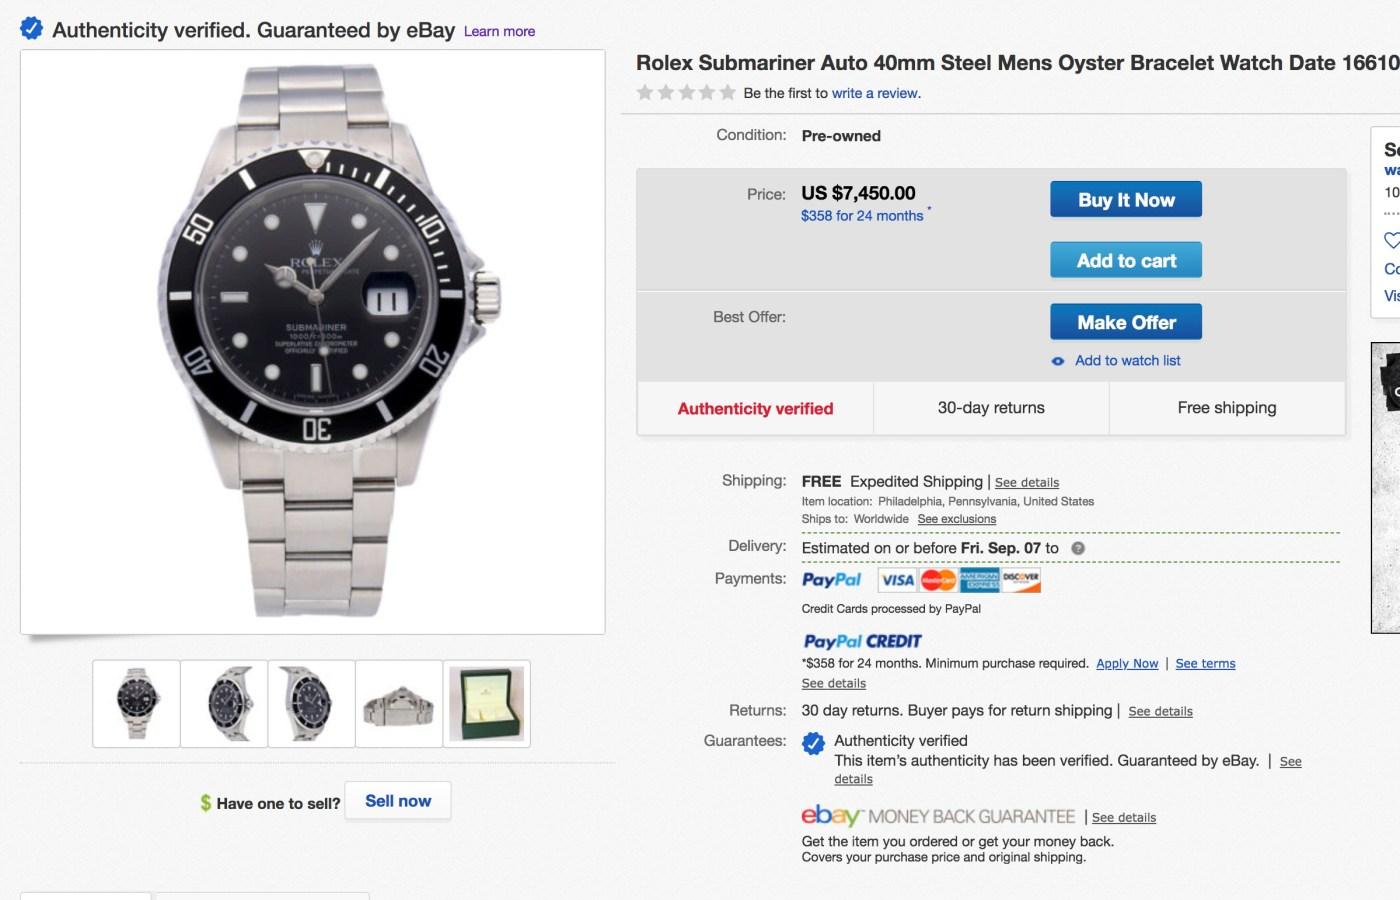 eBay Authenticate Rolex Submariner Watch